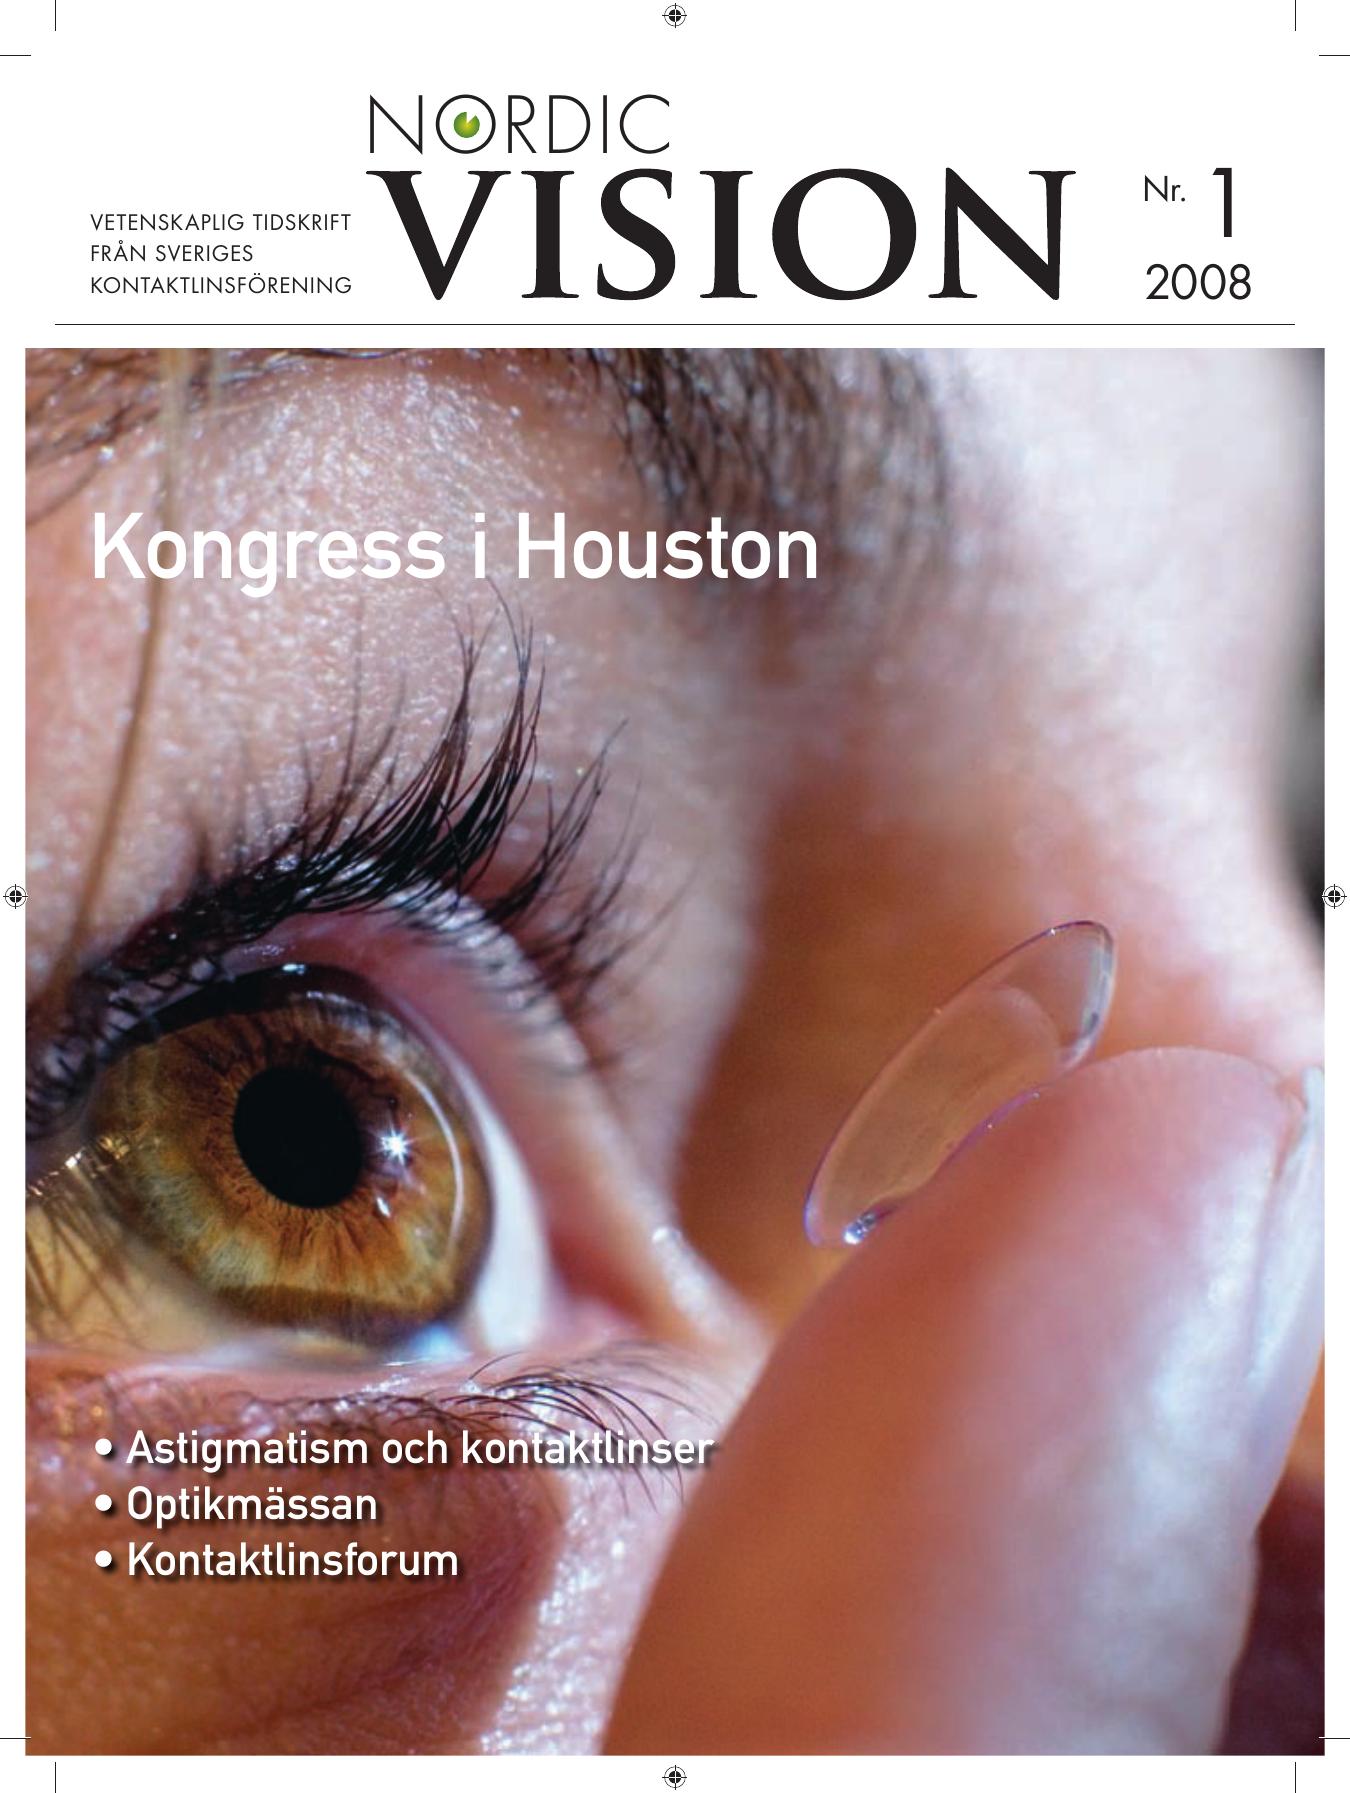 41b1bfcf2a61 NORDIC VETENSKAPLIG TIDSKRIFT FRÅN SVERIGES KONTAKTLINSFÖRENING Kongress i  Houston • Astigmatism och kontaktlinser • Optikmässan • Kontaktlinsforum  Nr. 1 ...